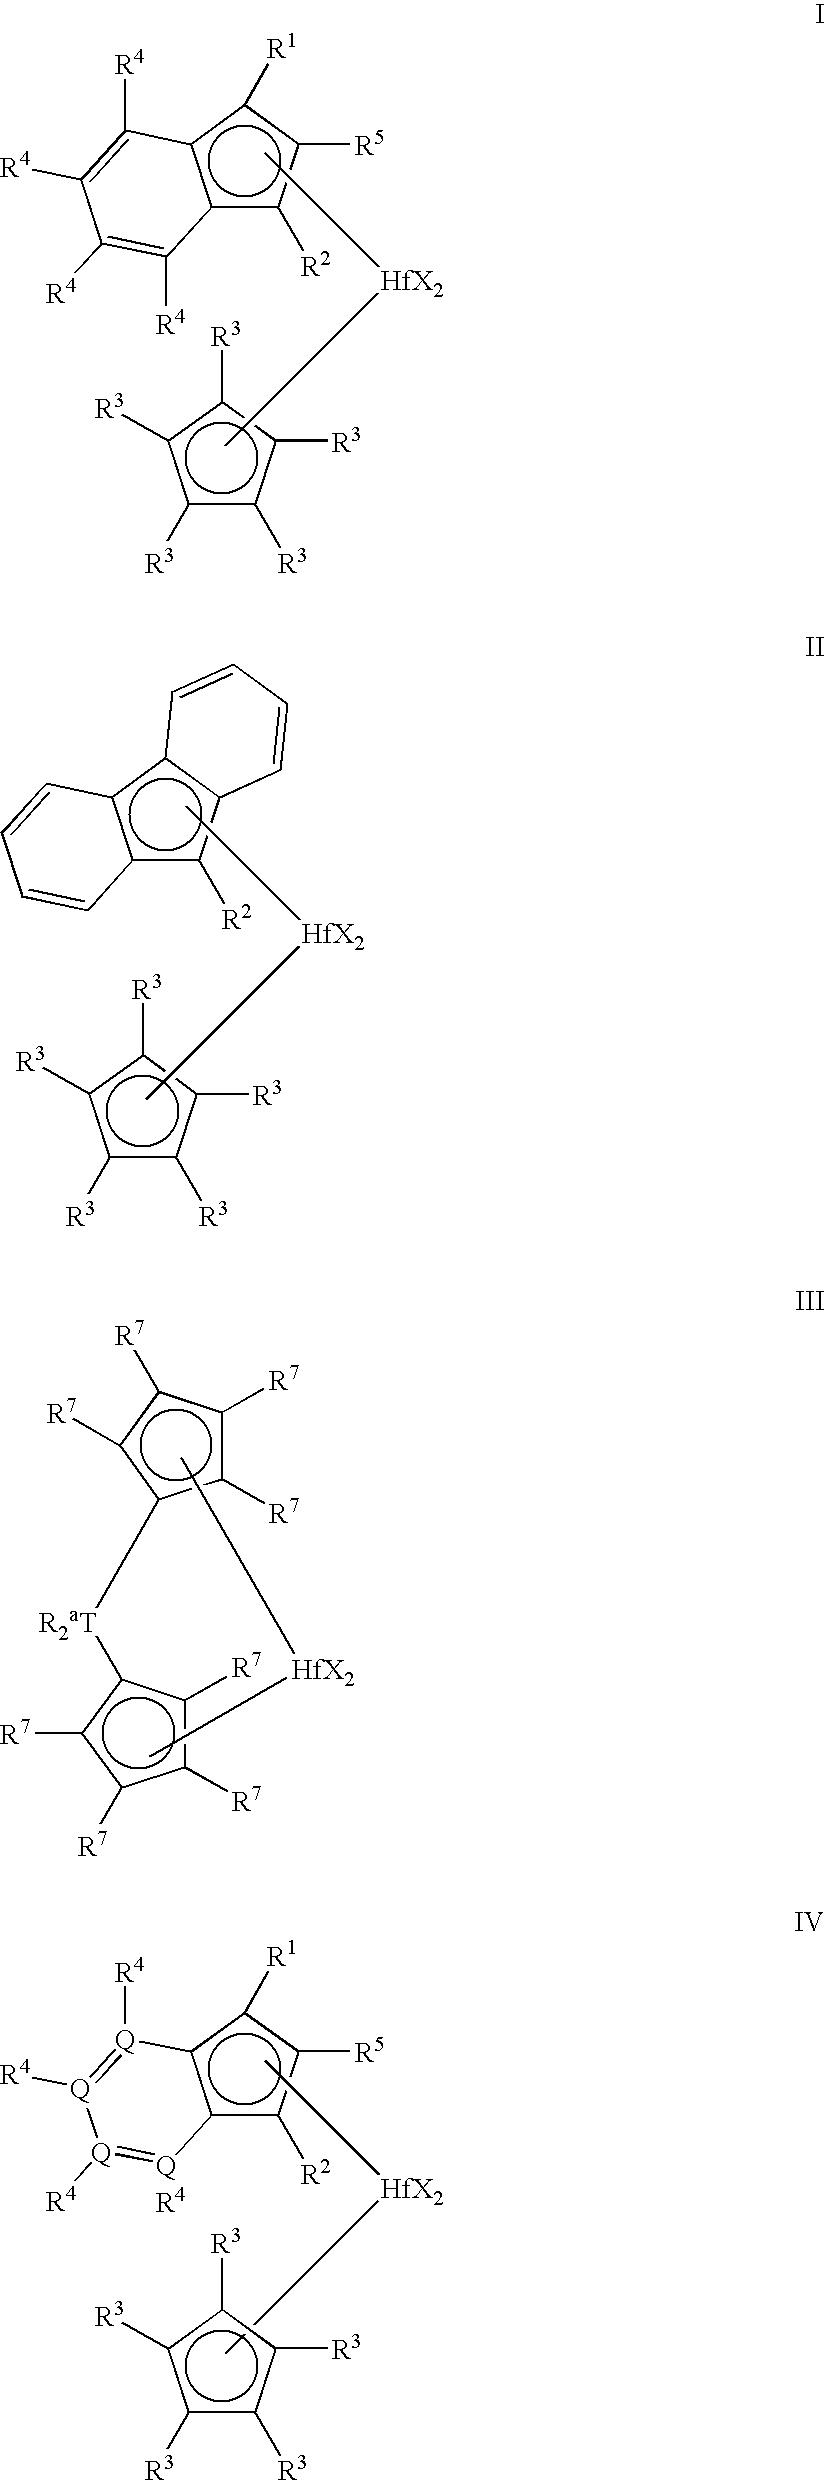 Figure US20100113706A1-20100506-C00001